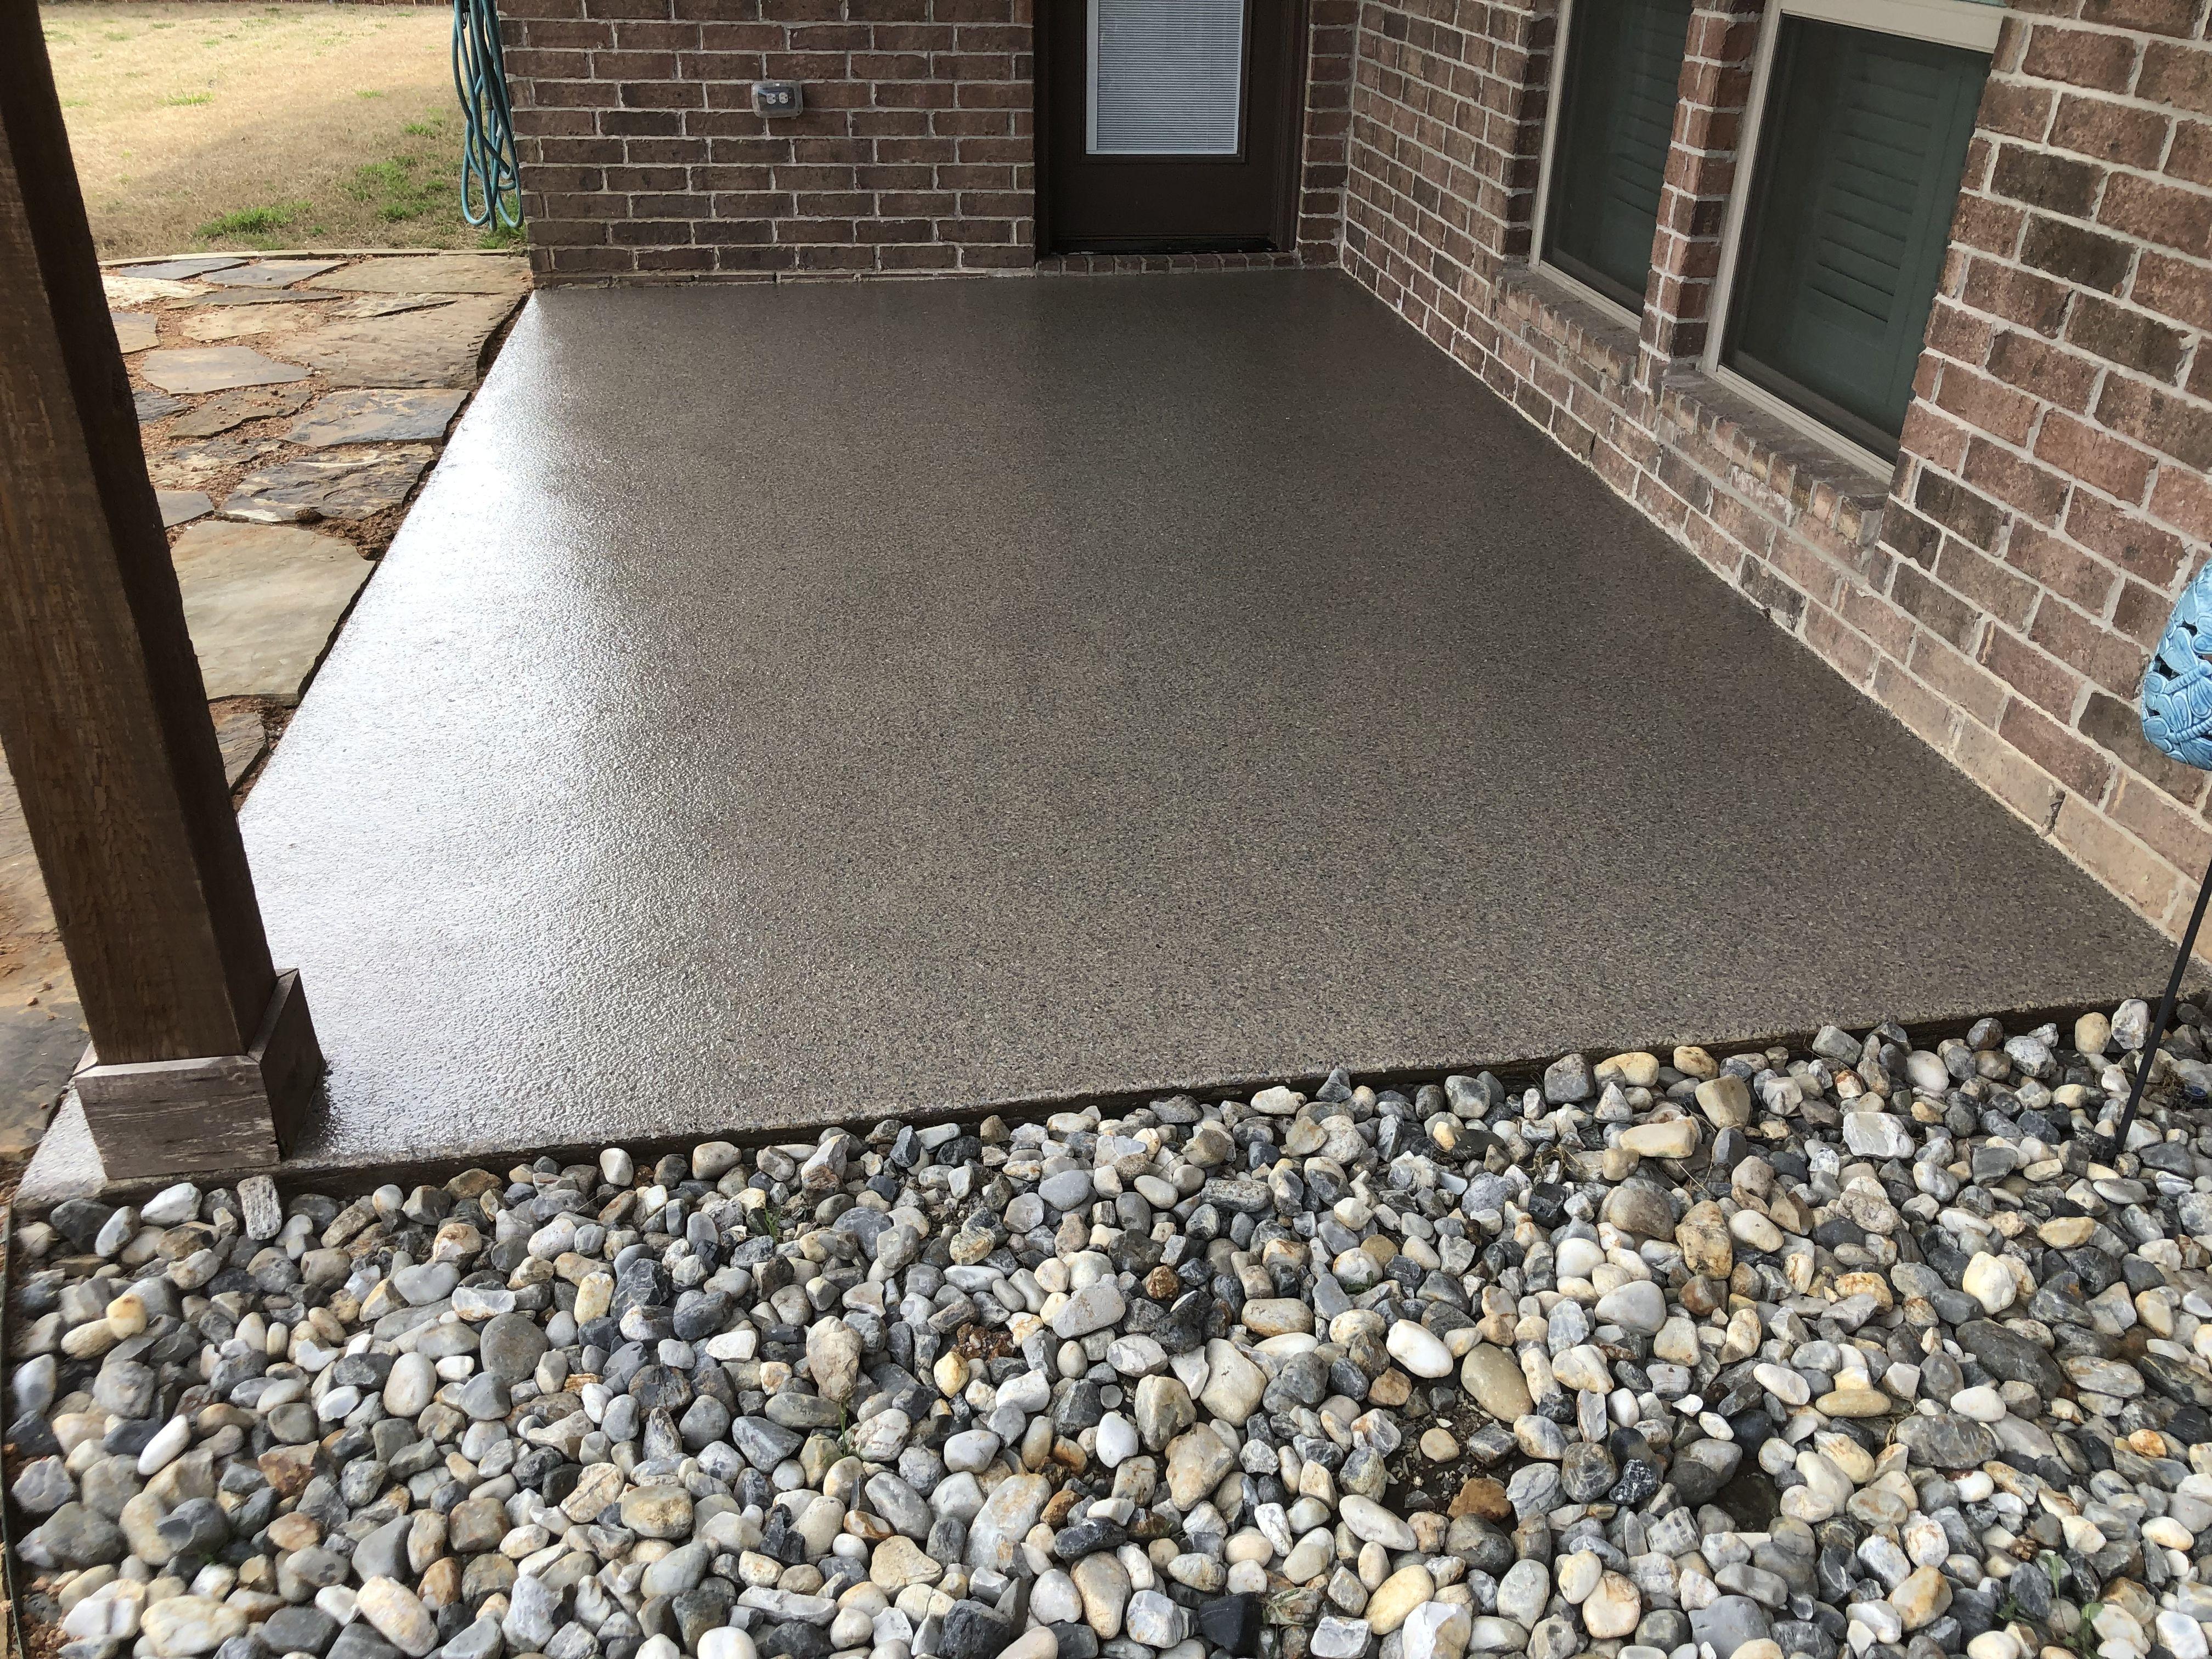 Garage Floor Coating Epoxy Flake Coating Patios Concrete Garage Floor Coatings Garage Floor Epoxy Floor